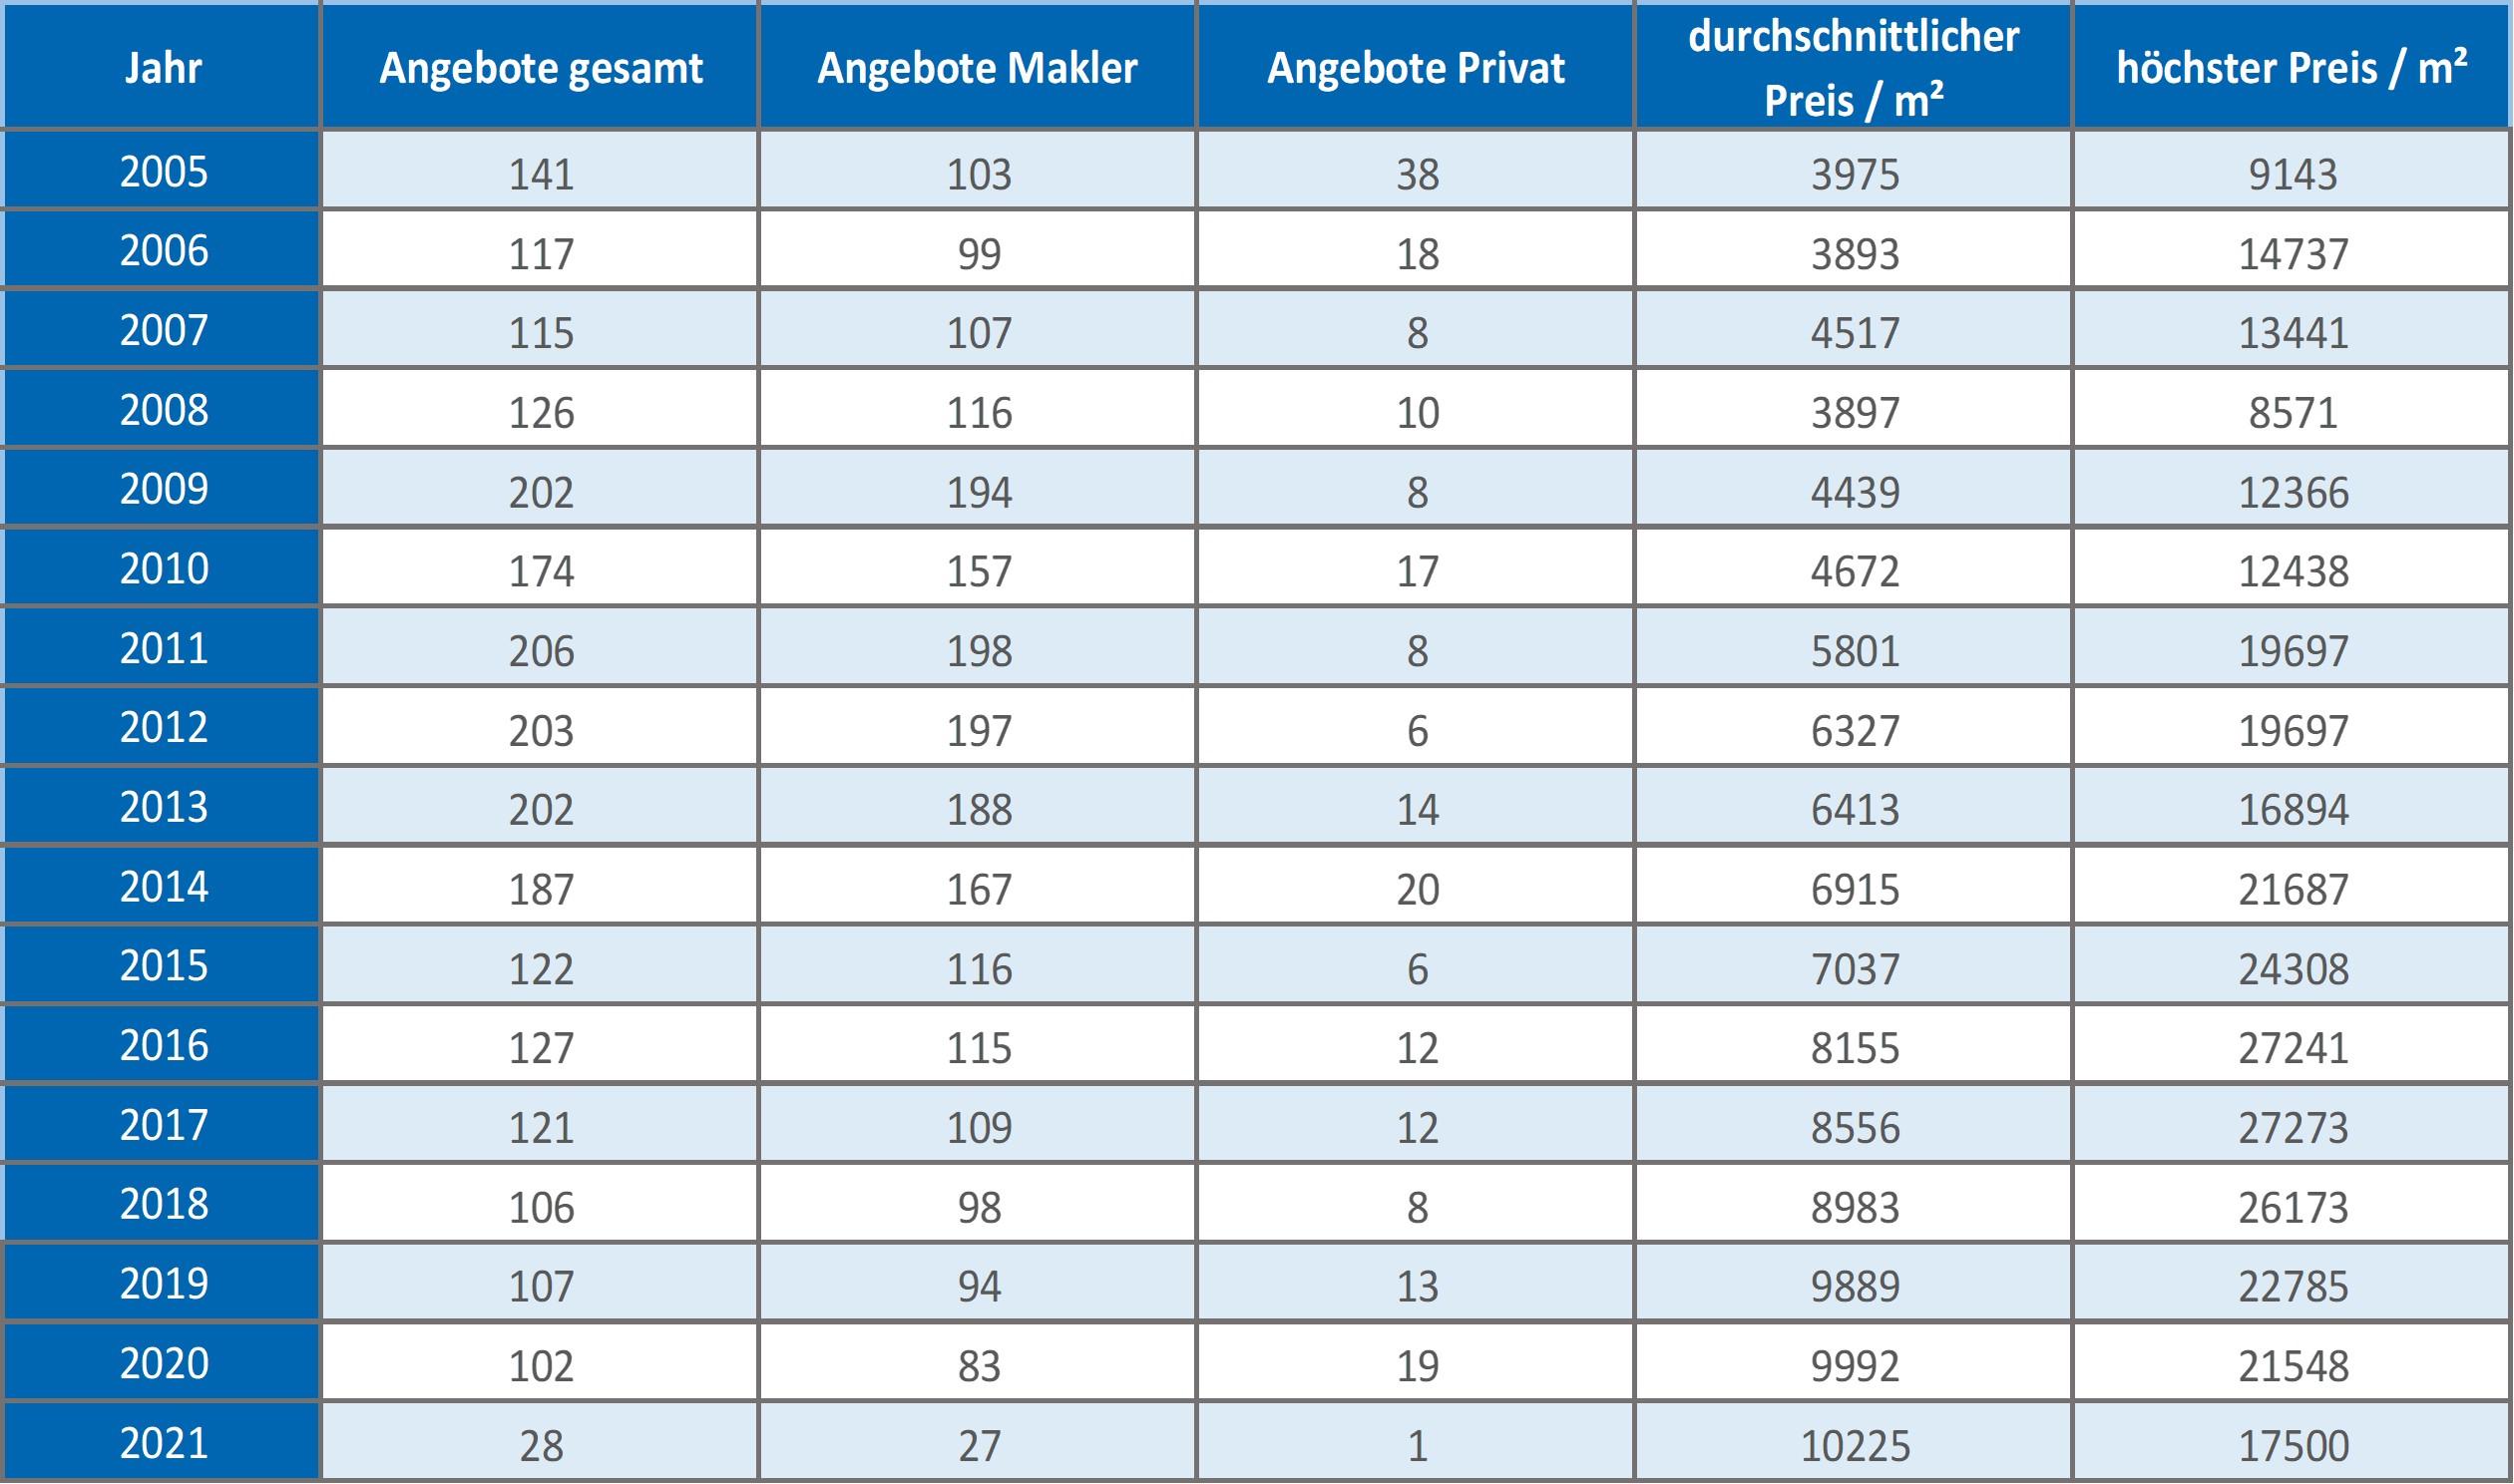 München-Solln-Haus-Kaufen-Verkaufen-Makler 2019 2020 2021